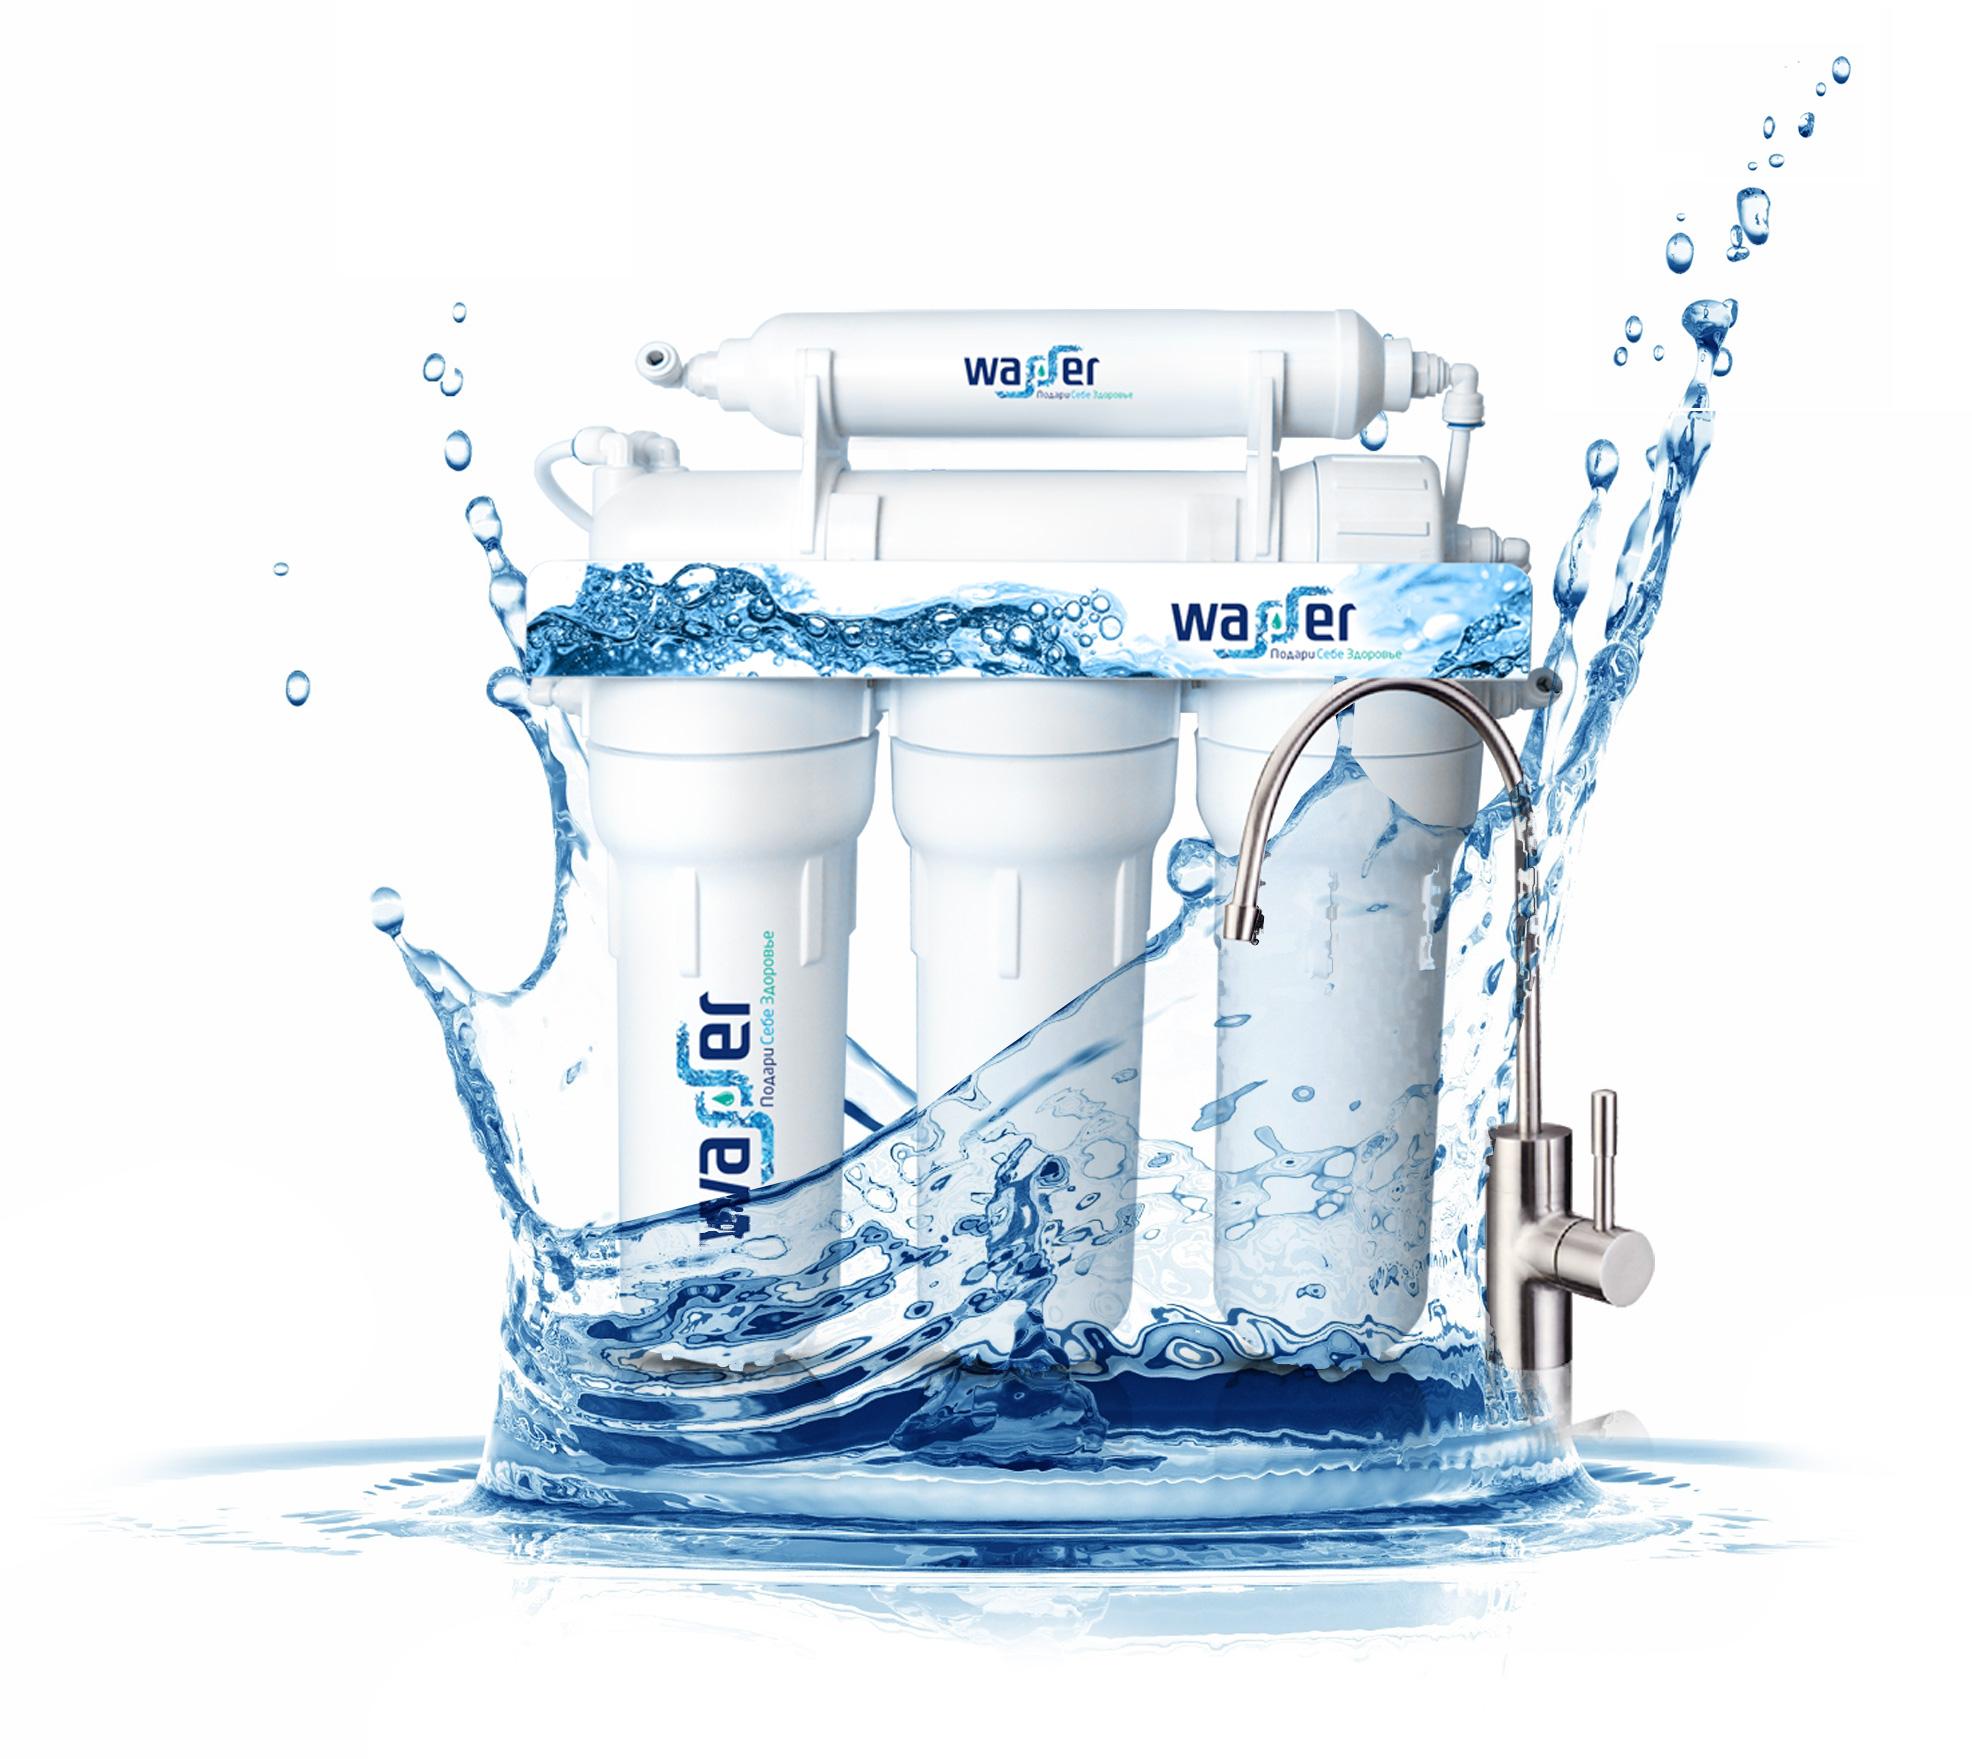 Очистка воды фильтром